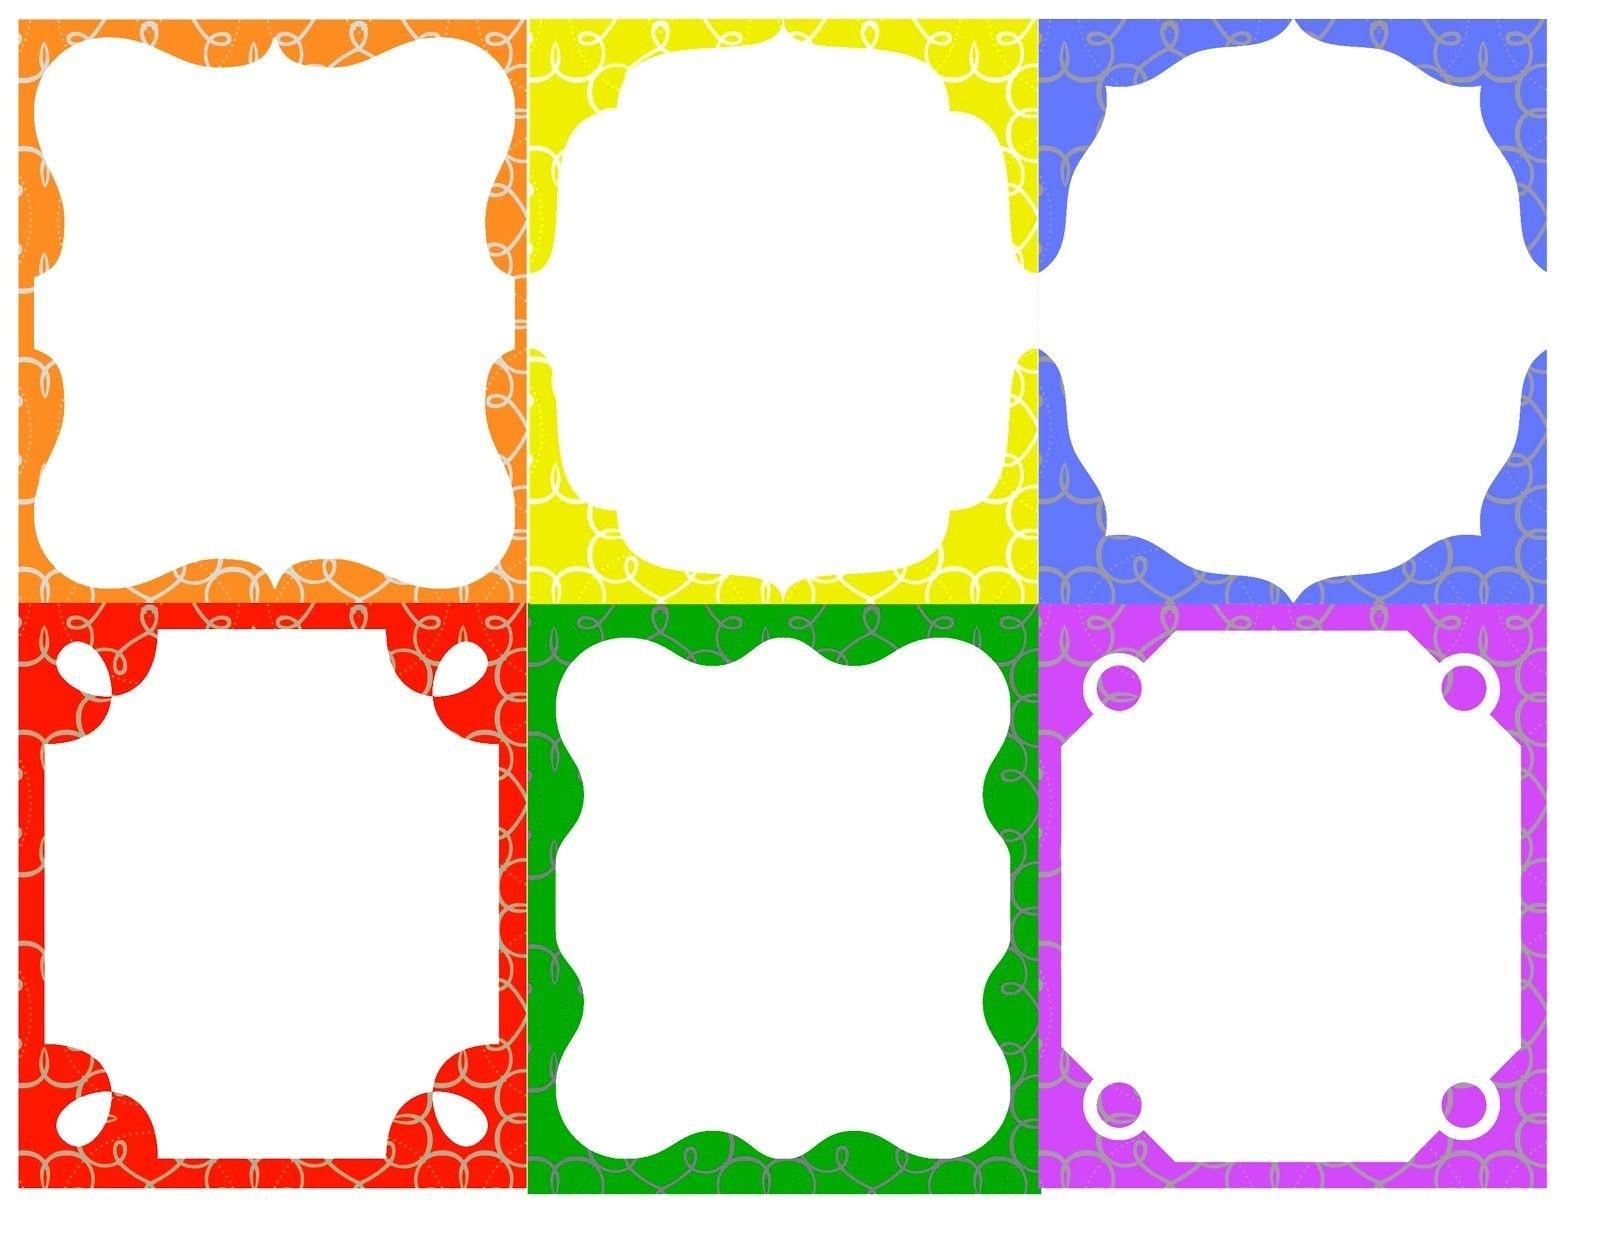 Name+Tag+Templates+Printable+For+Kids | Name Tags | Name Tag - Free Printable Name Tags For Preschoolers